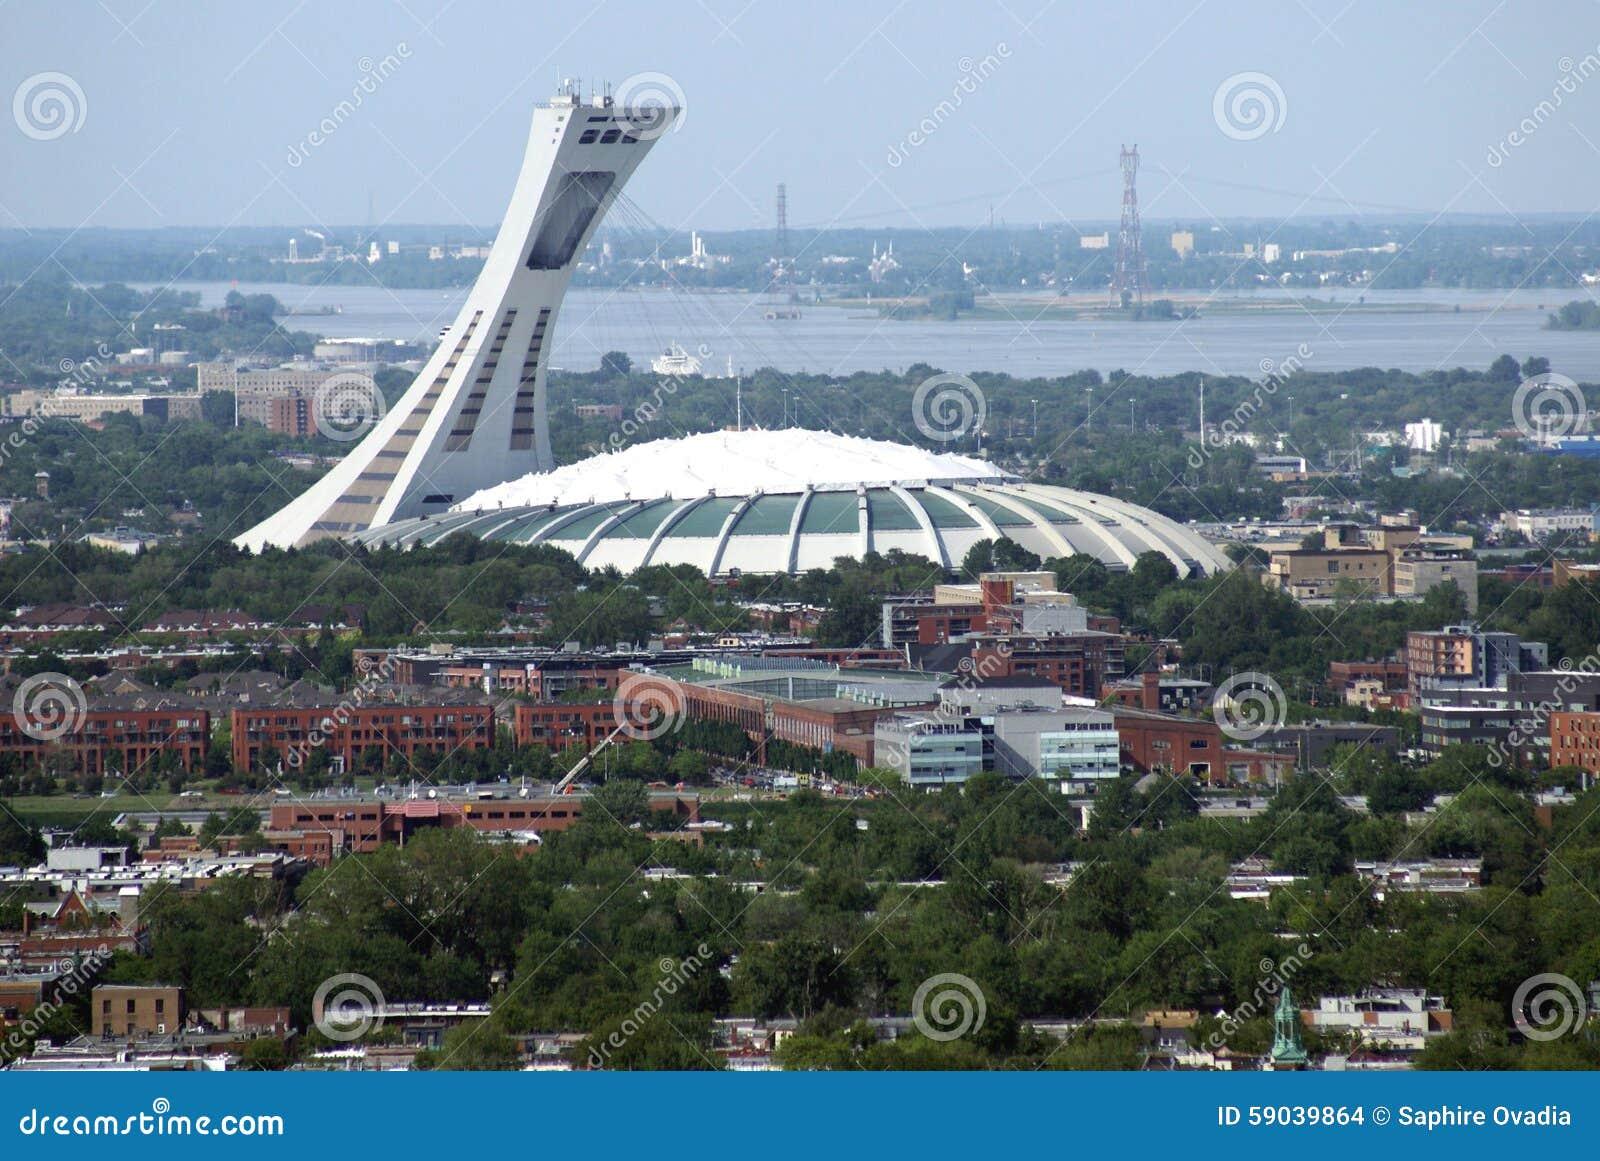 Vue a rienne de la ville du stade olympique et de montr al - Piscine maisonneuve montreal quebec rouen ...